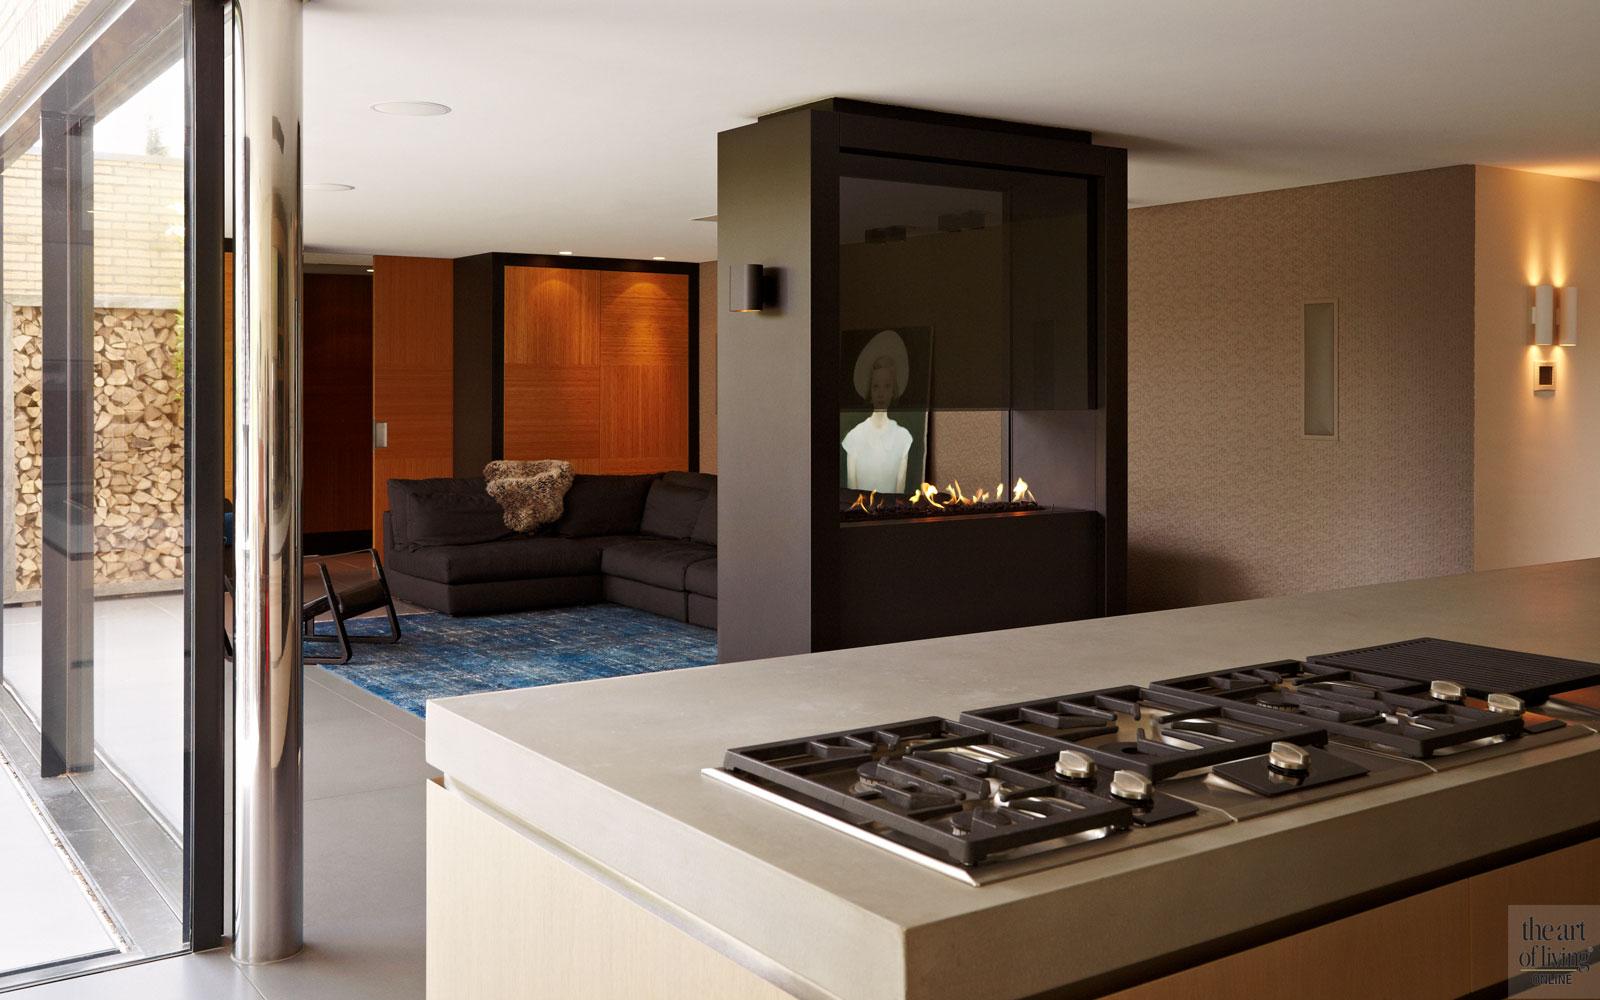 Woonkamer, keuken, doorkijkhaard, kookeiland, extreme verbouwing, Osiris Hertman